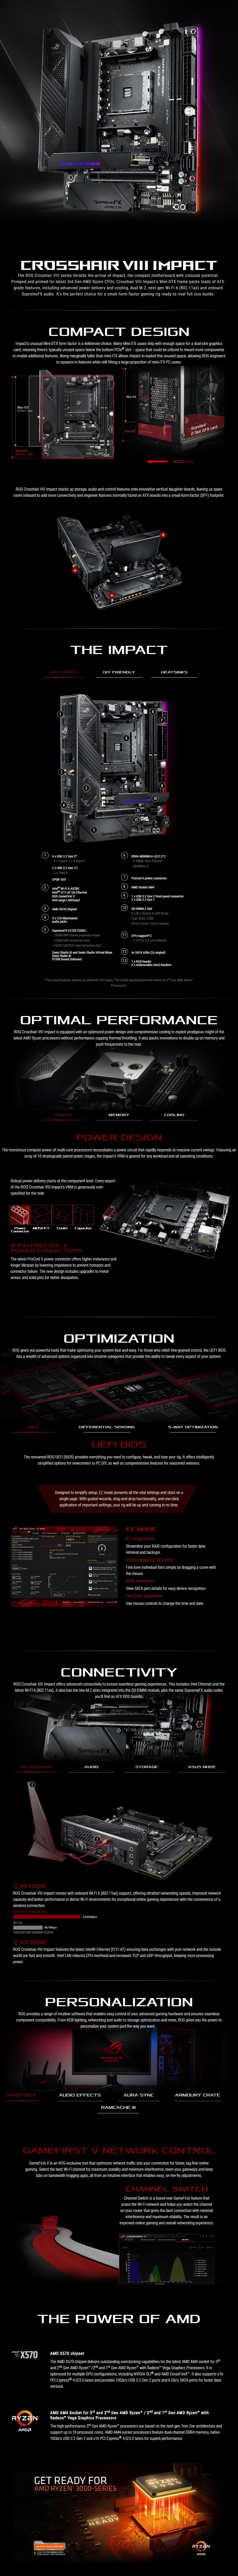 asus-rog-crosshair-vii-iampact-x570-minidtx-motherboard-ac24584-8-1-.jpg